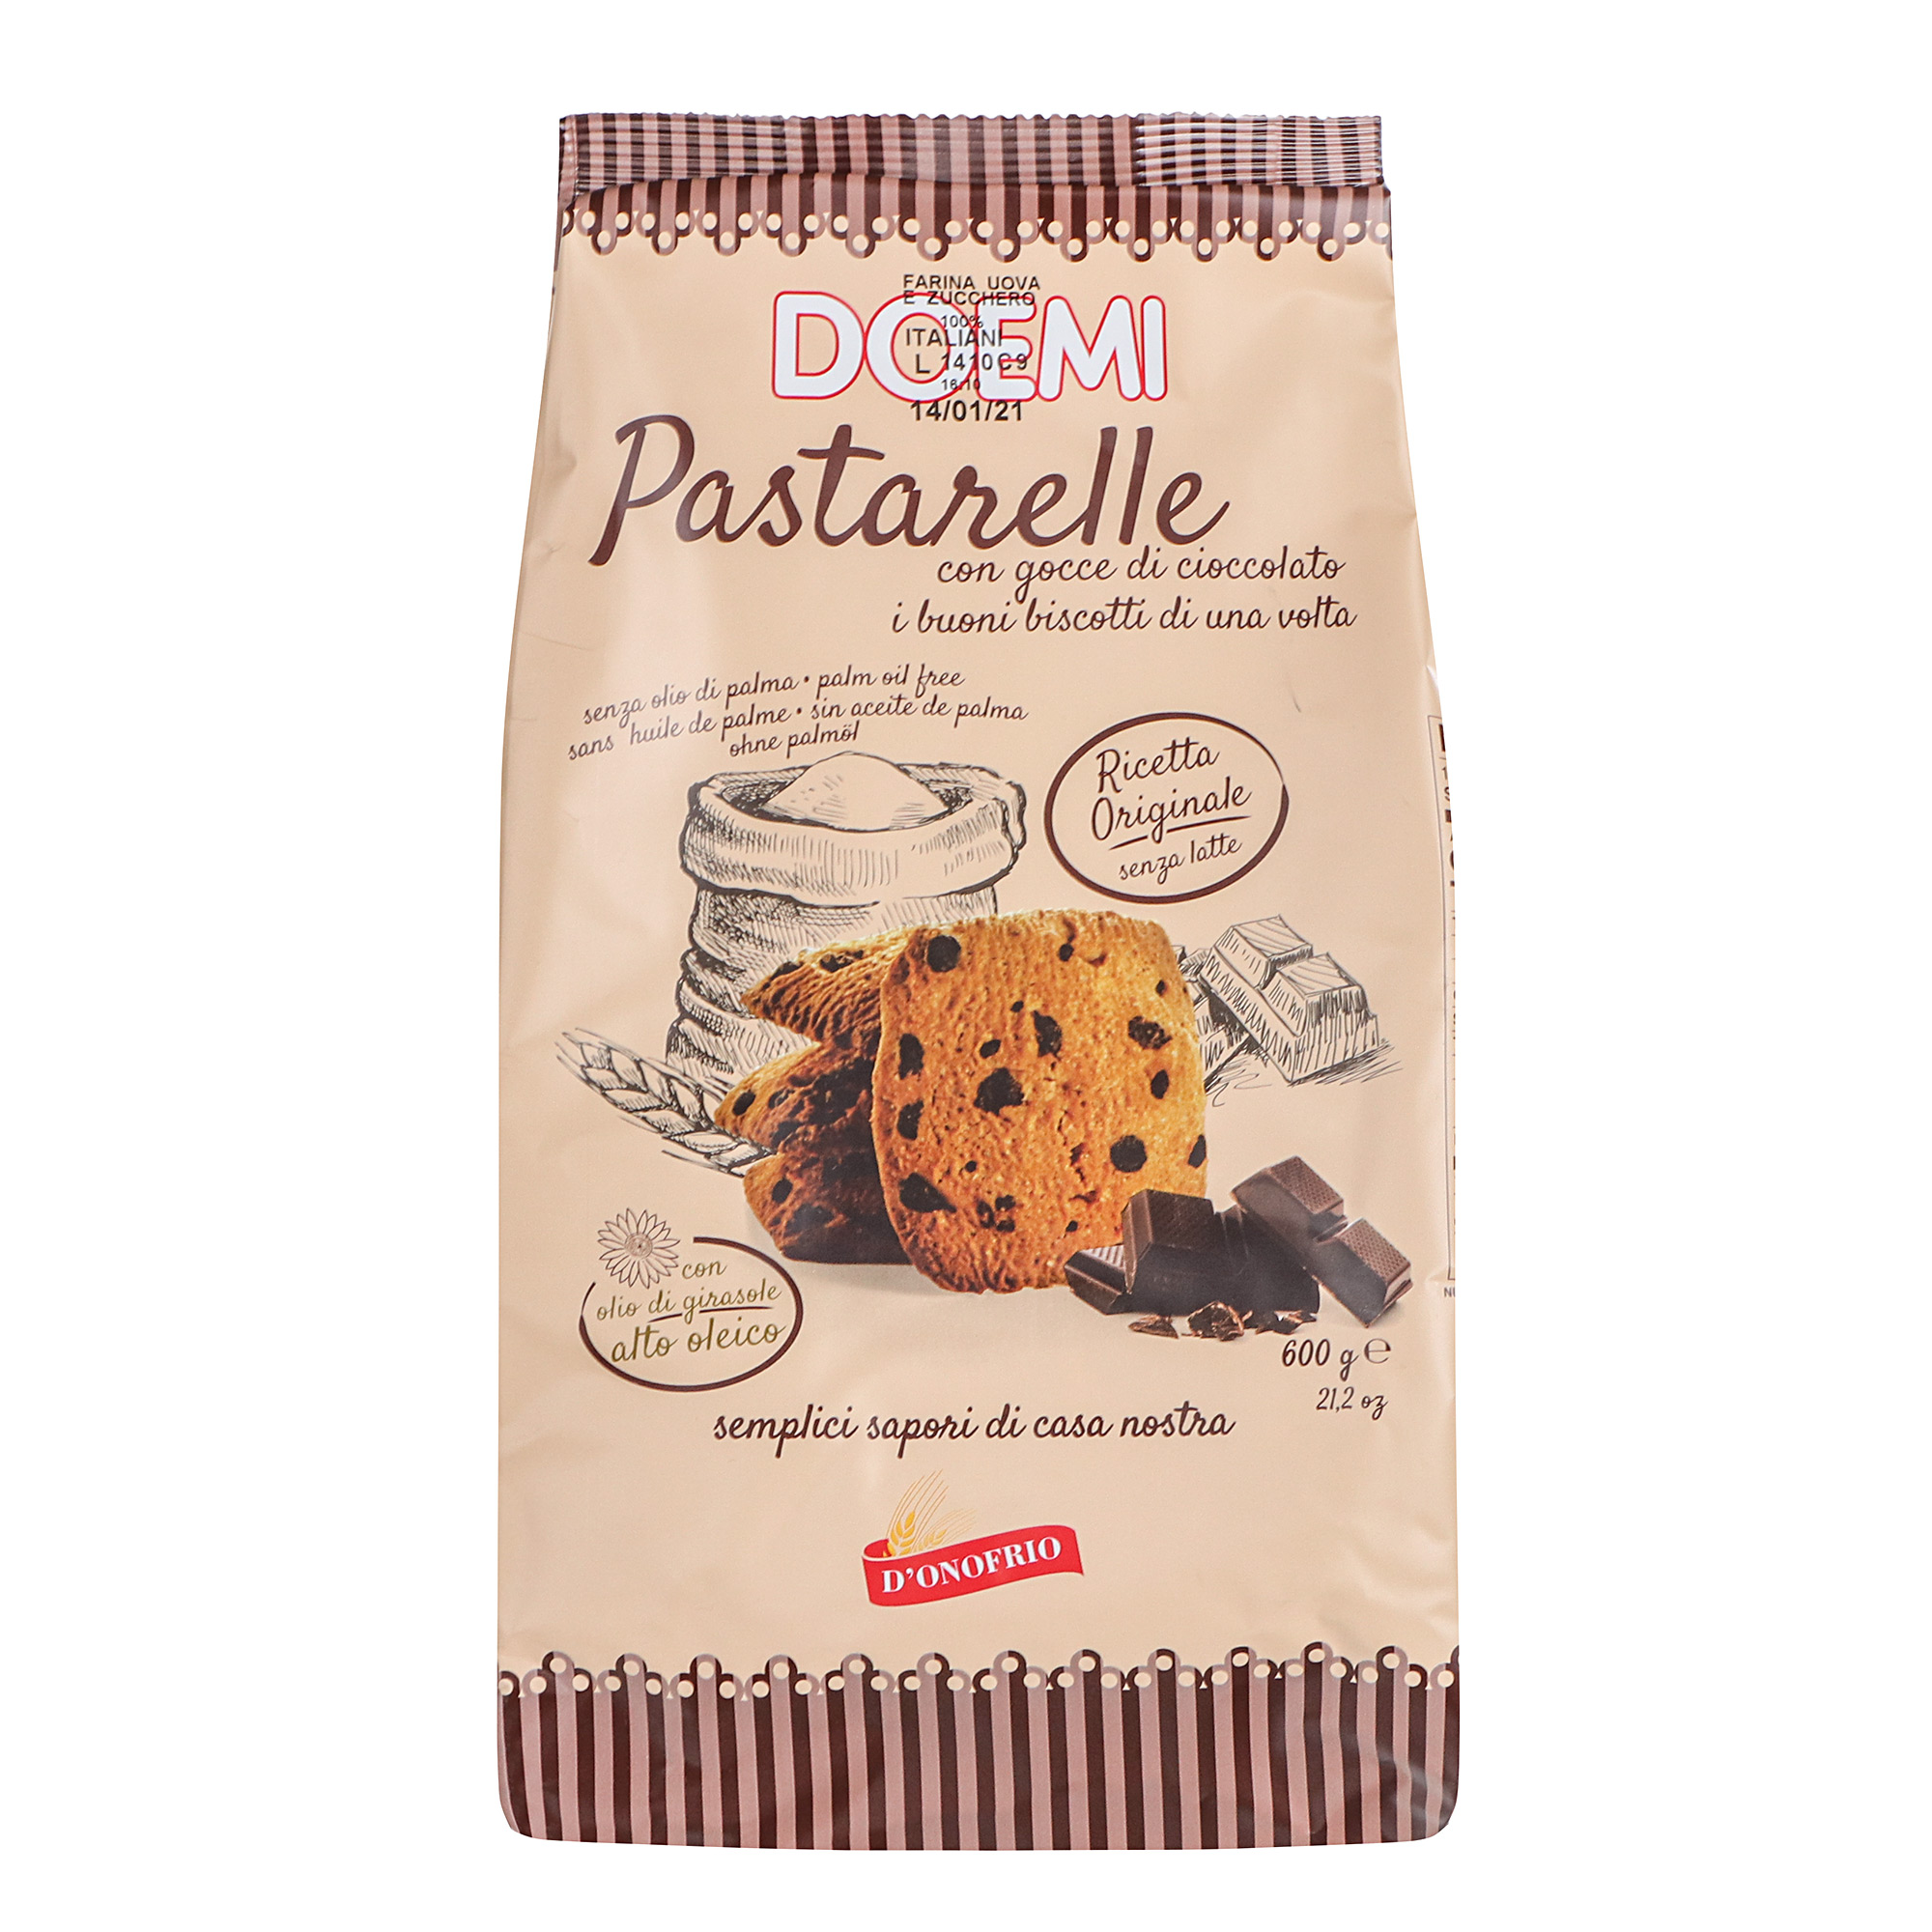 Фото - Печенье DOEMI Pastarelle с шоколадной крошкой 600 г печенье quickbury с шоколадной крошкой 150 г